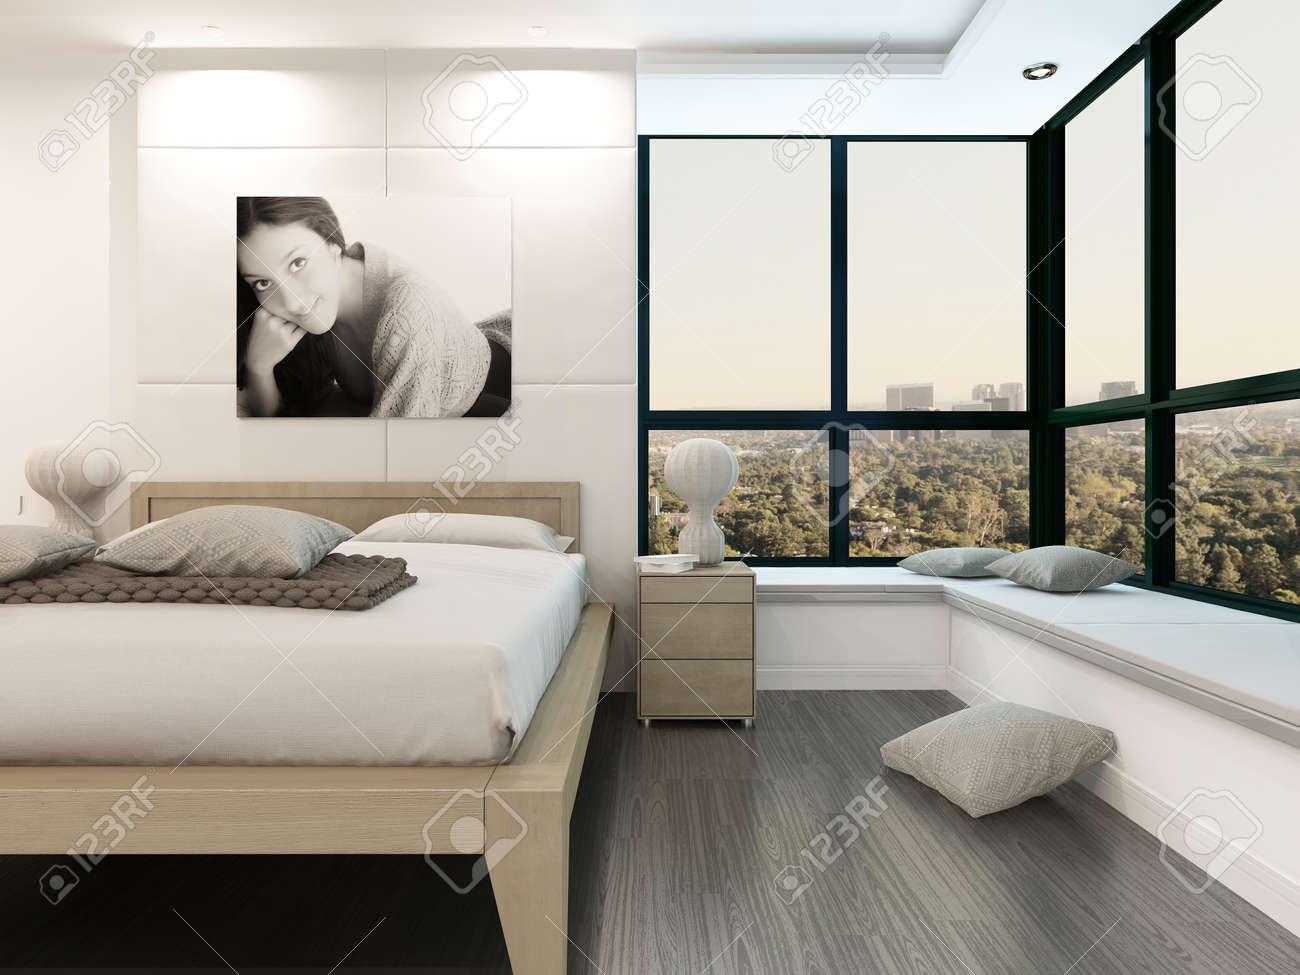 Komfortables Schlafzimmer Interieur Mit Holzbett Und Portrat Des